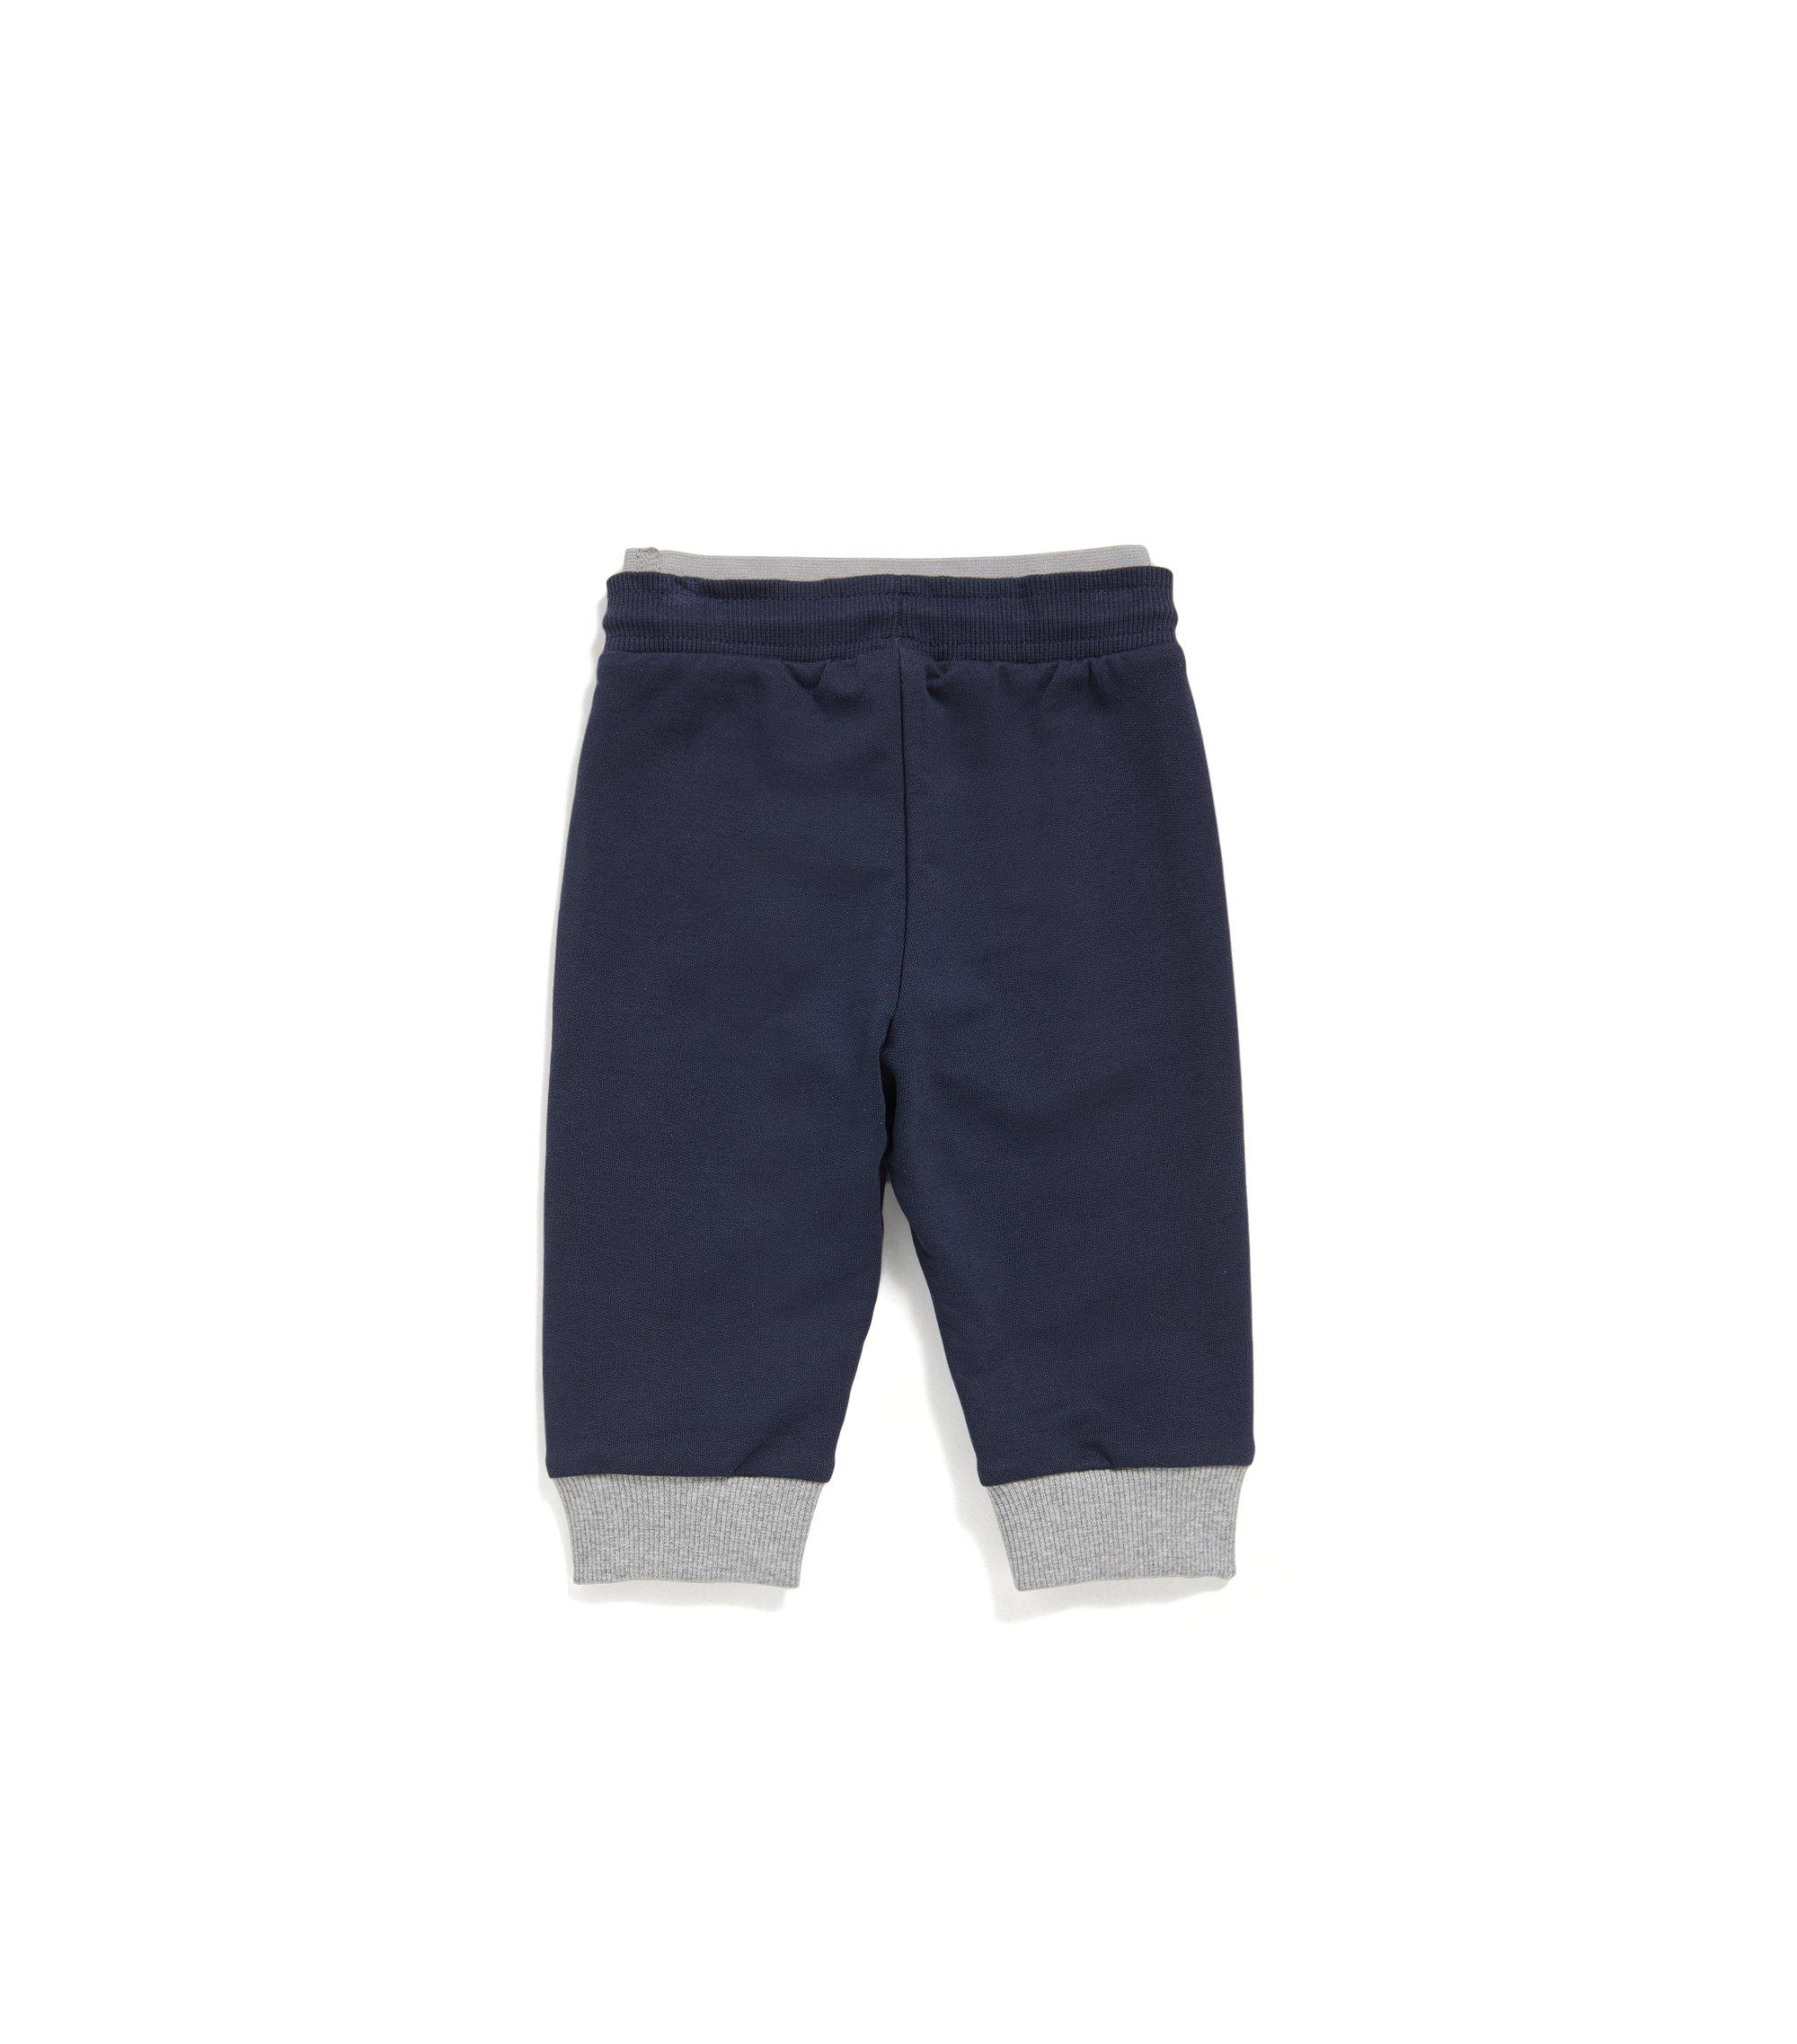 Pantalon d'intérieur pour enfant en douce polaire, Bleu foncé